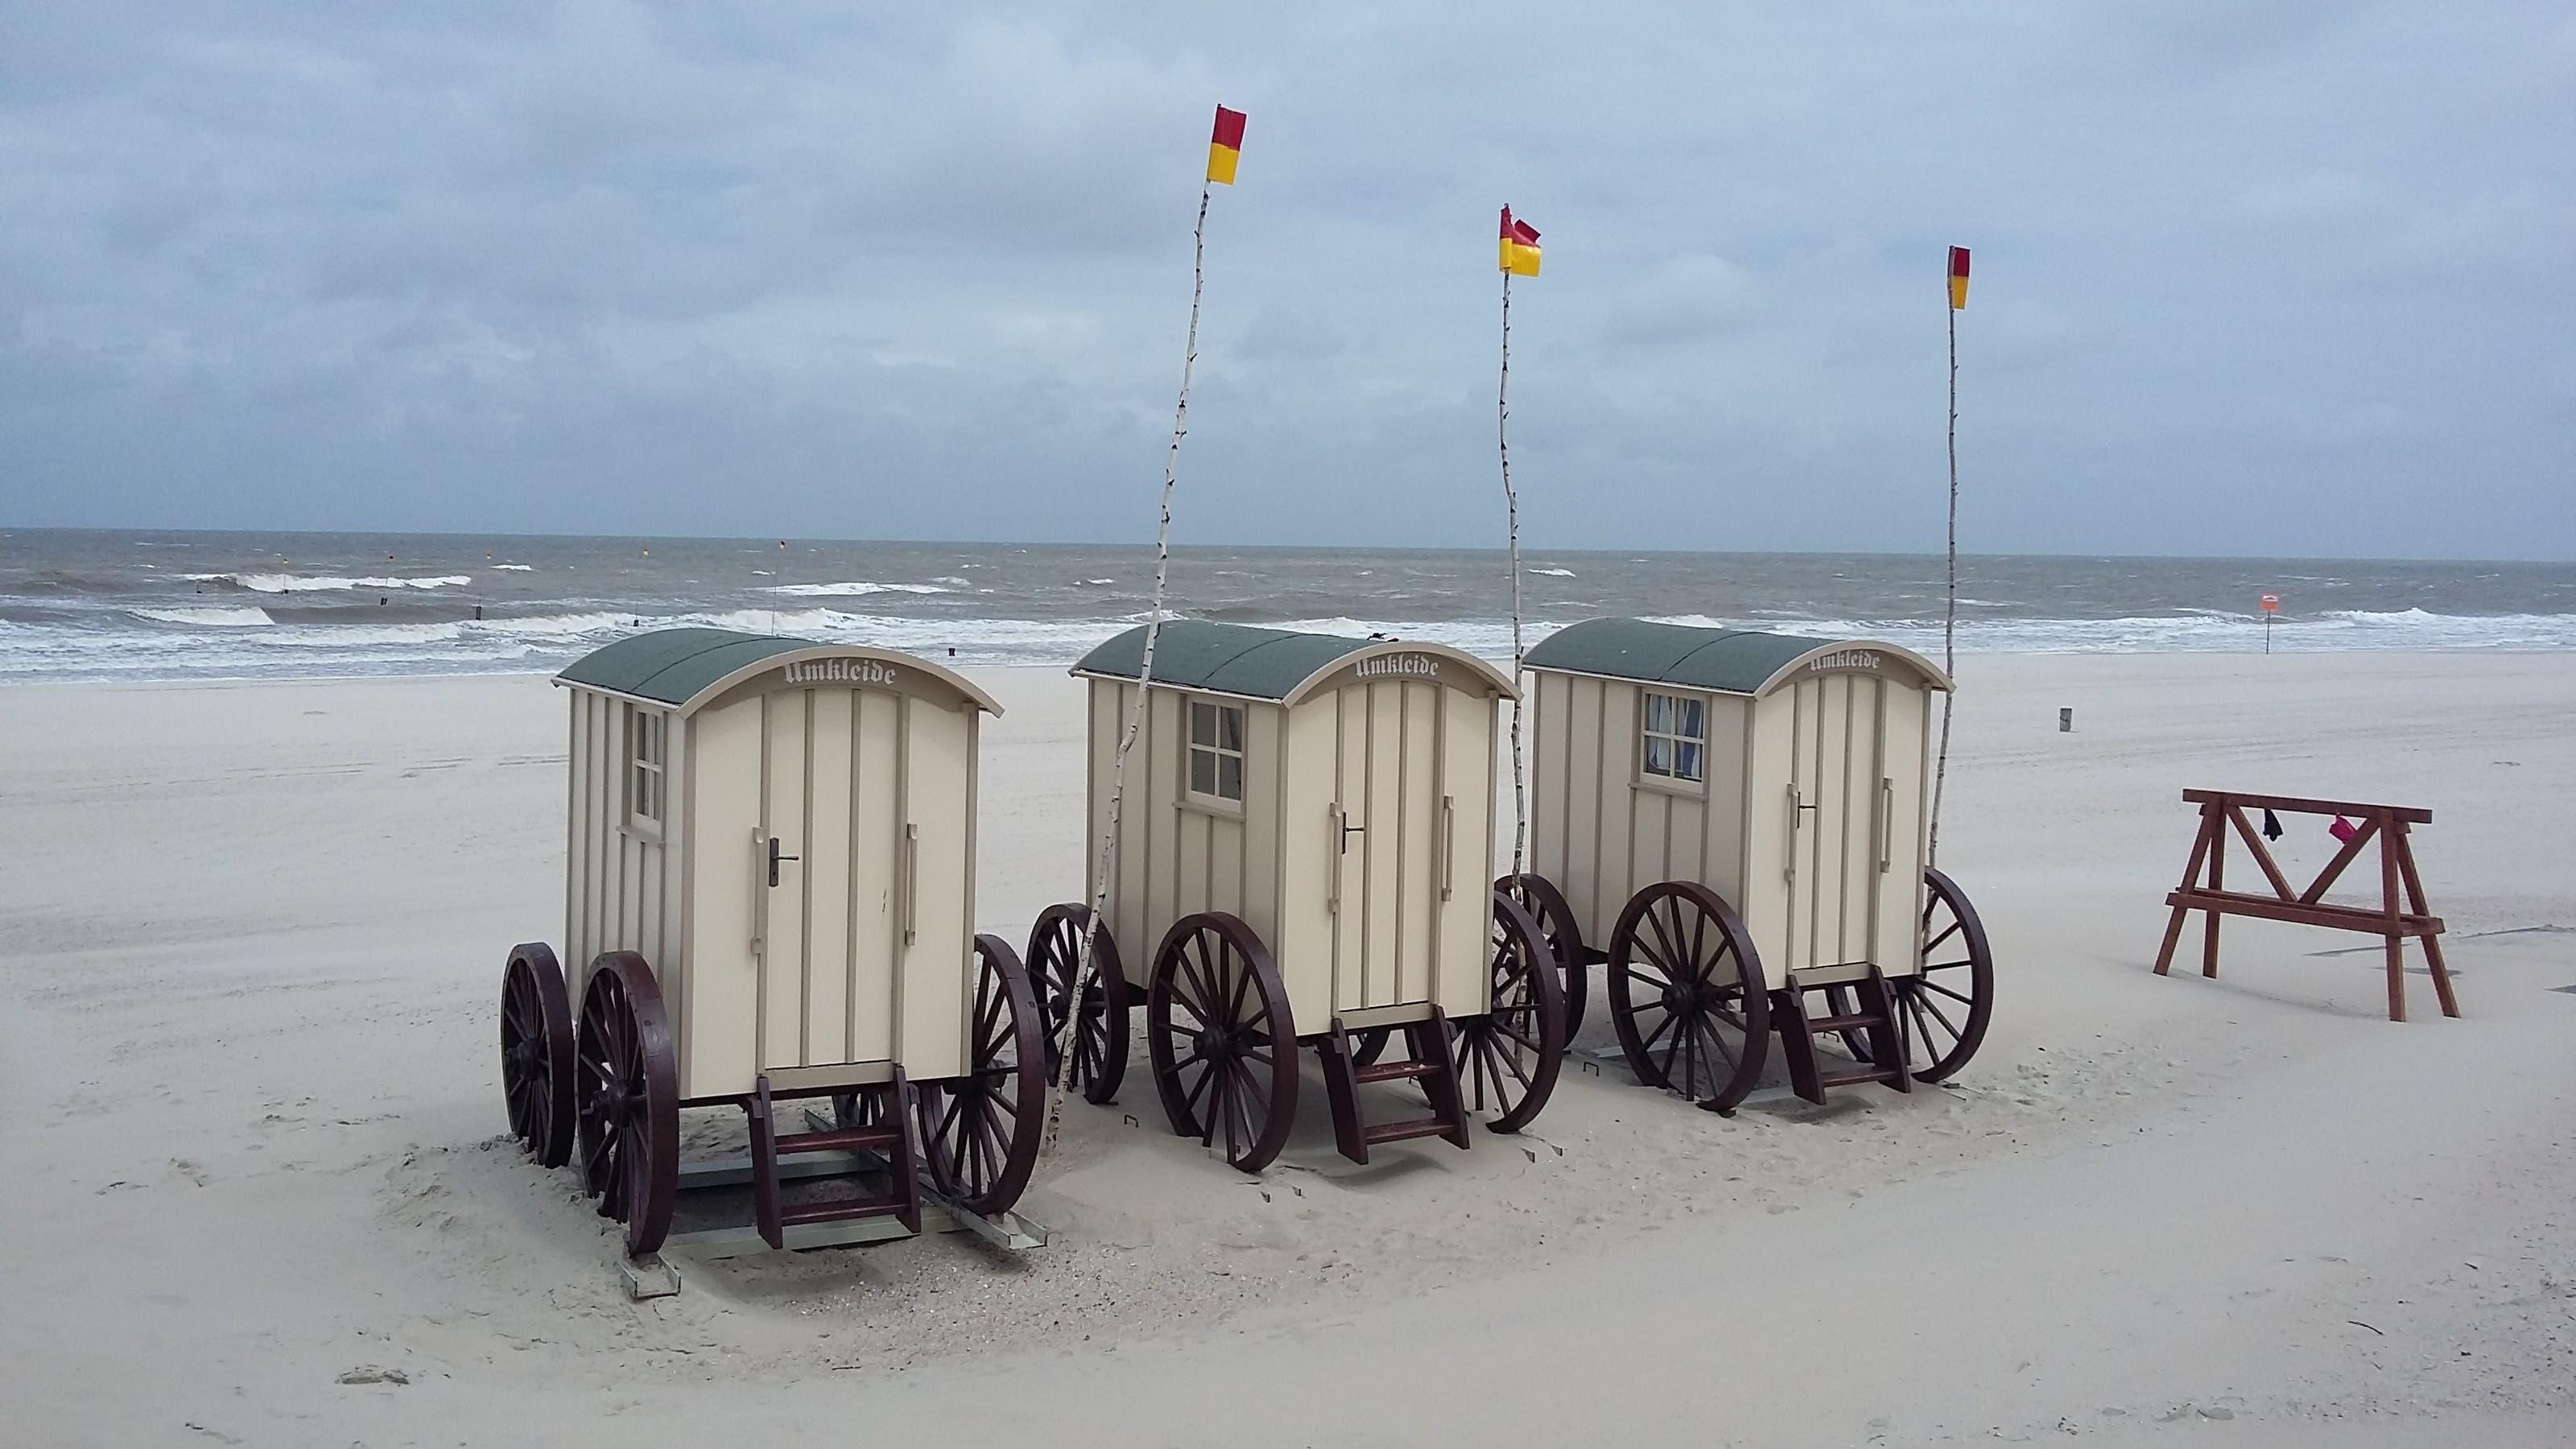 undefined Umkleidekabinen am Strand von Norderney